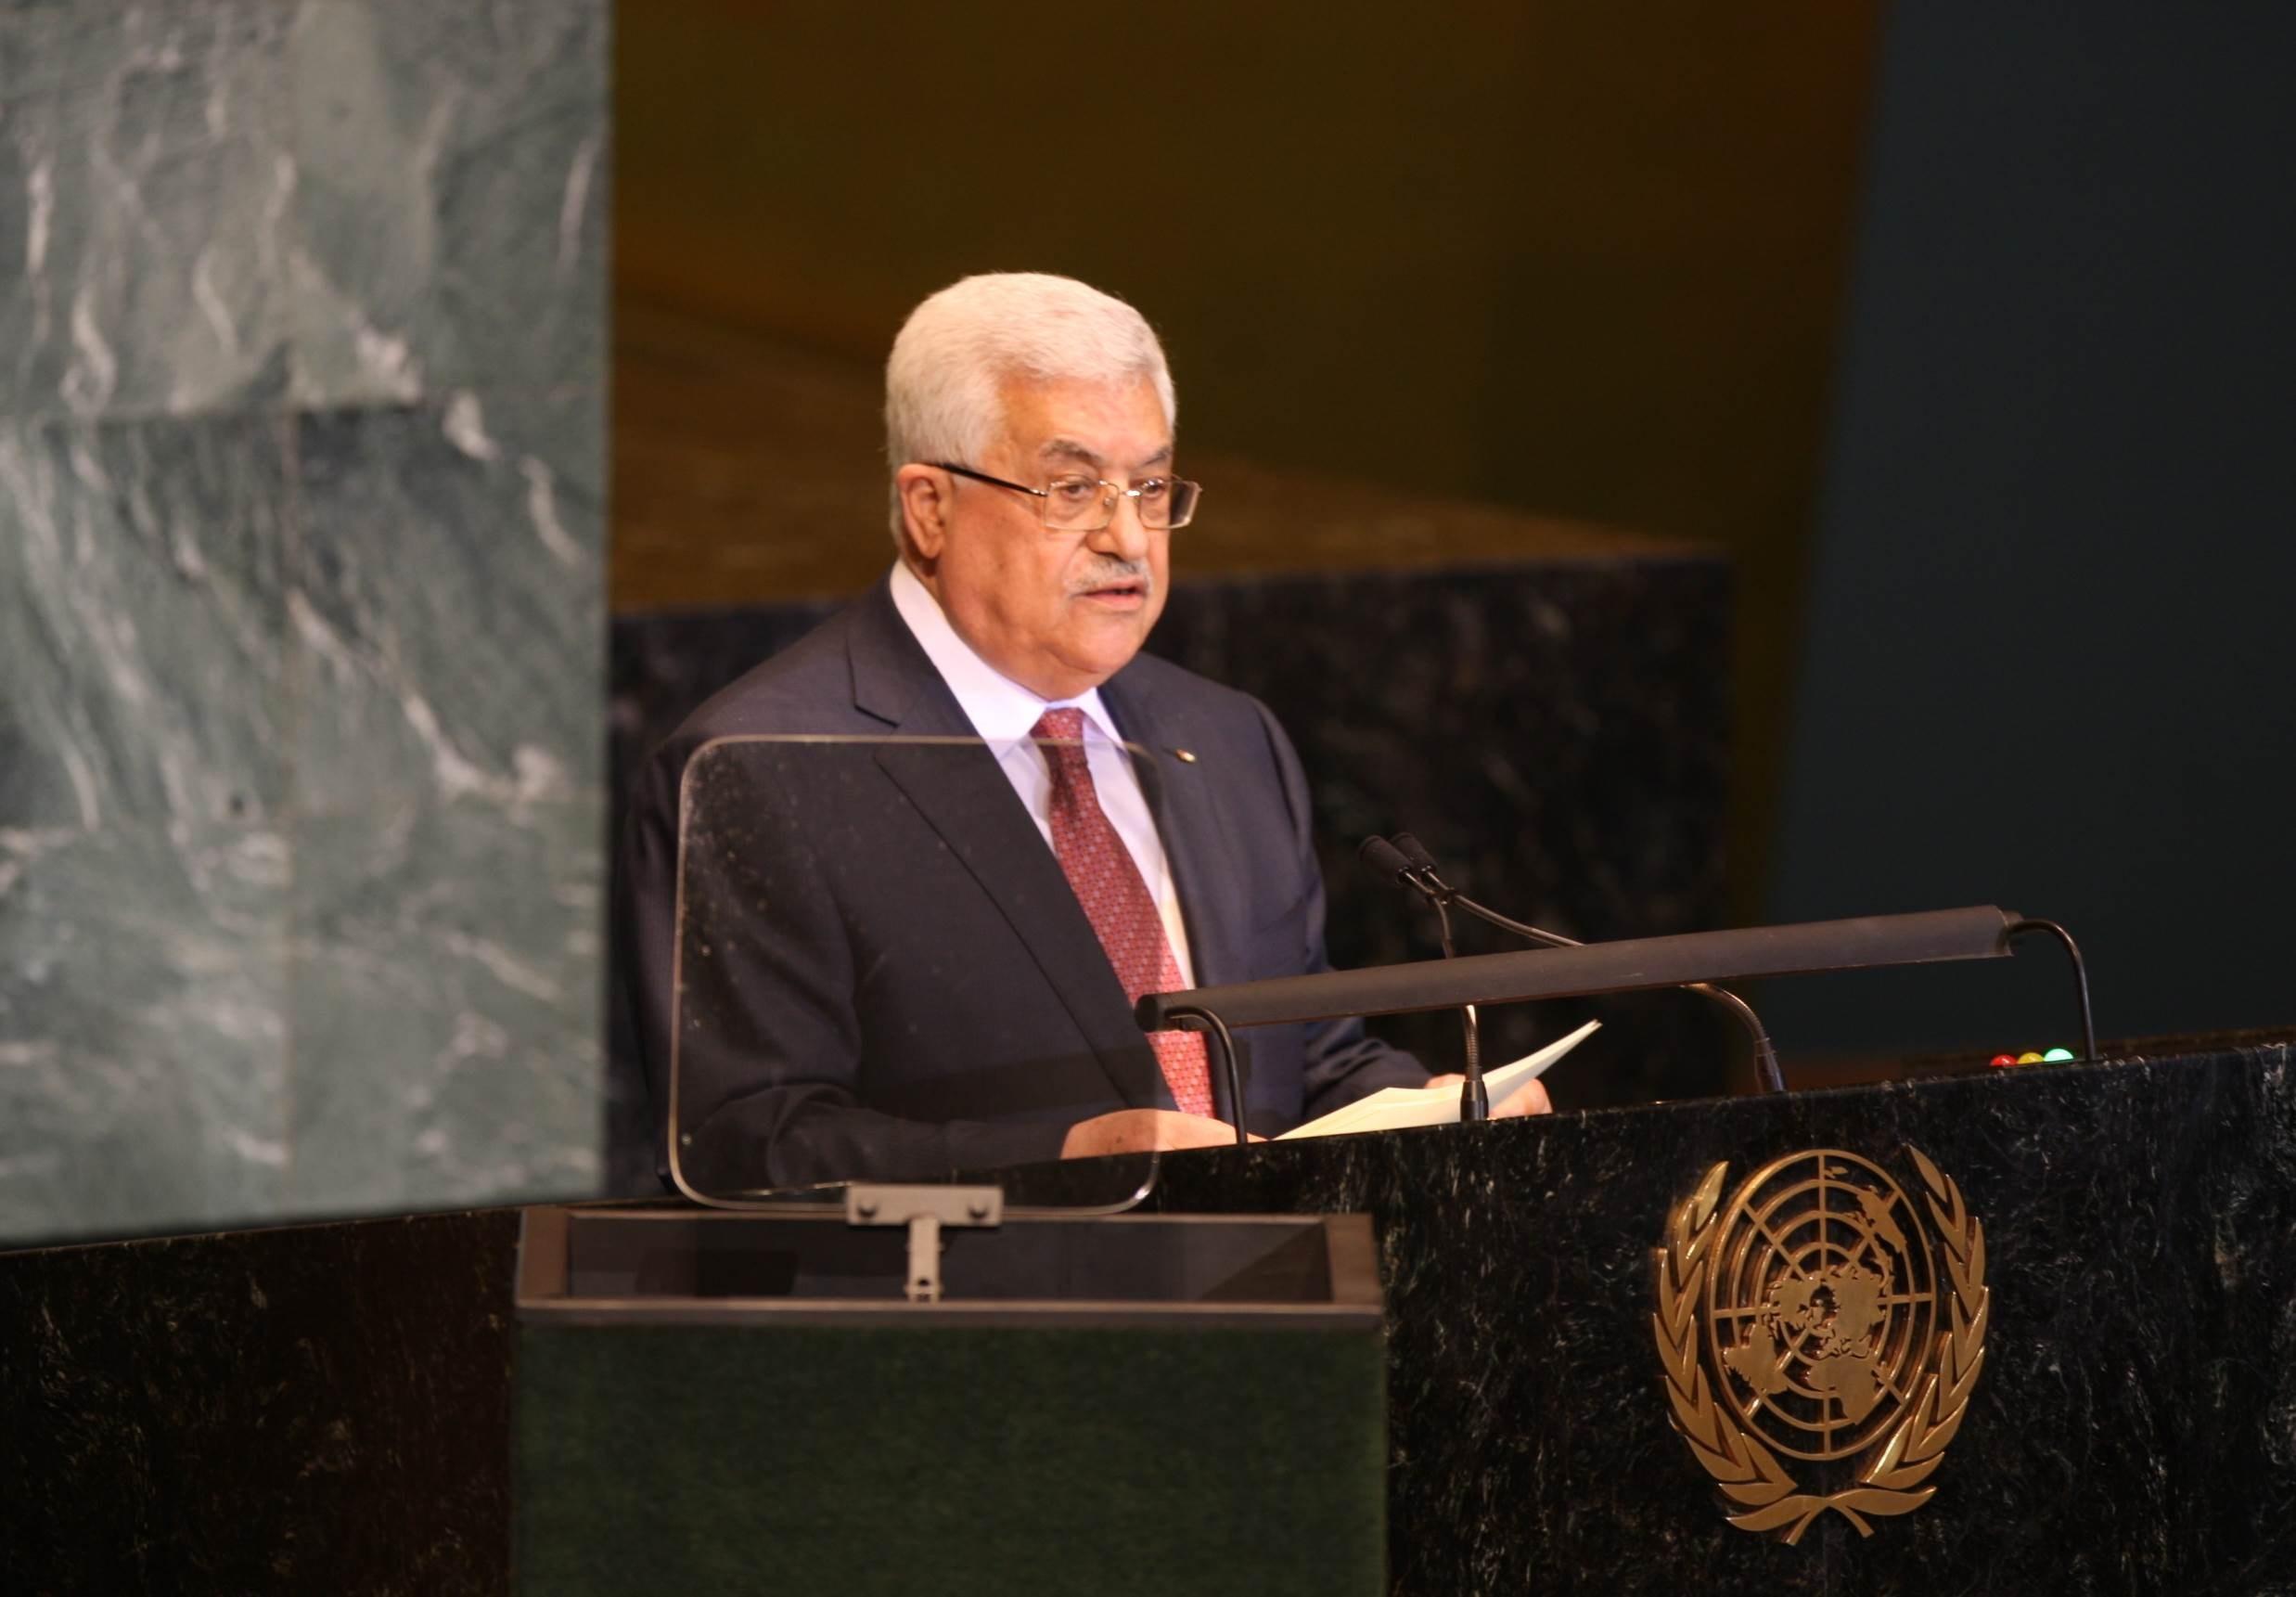 الرئيس الفلسطيني محمود عباس في خطاب أمام الجمعية العامة للأمم المتحدة (أرشيف)